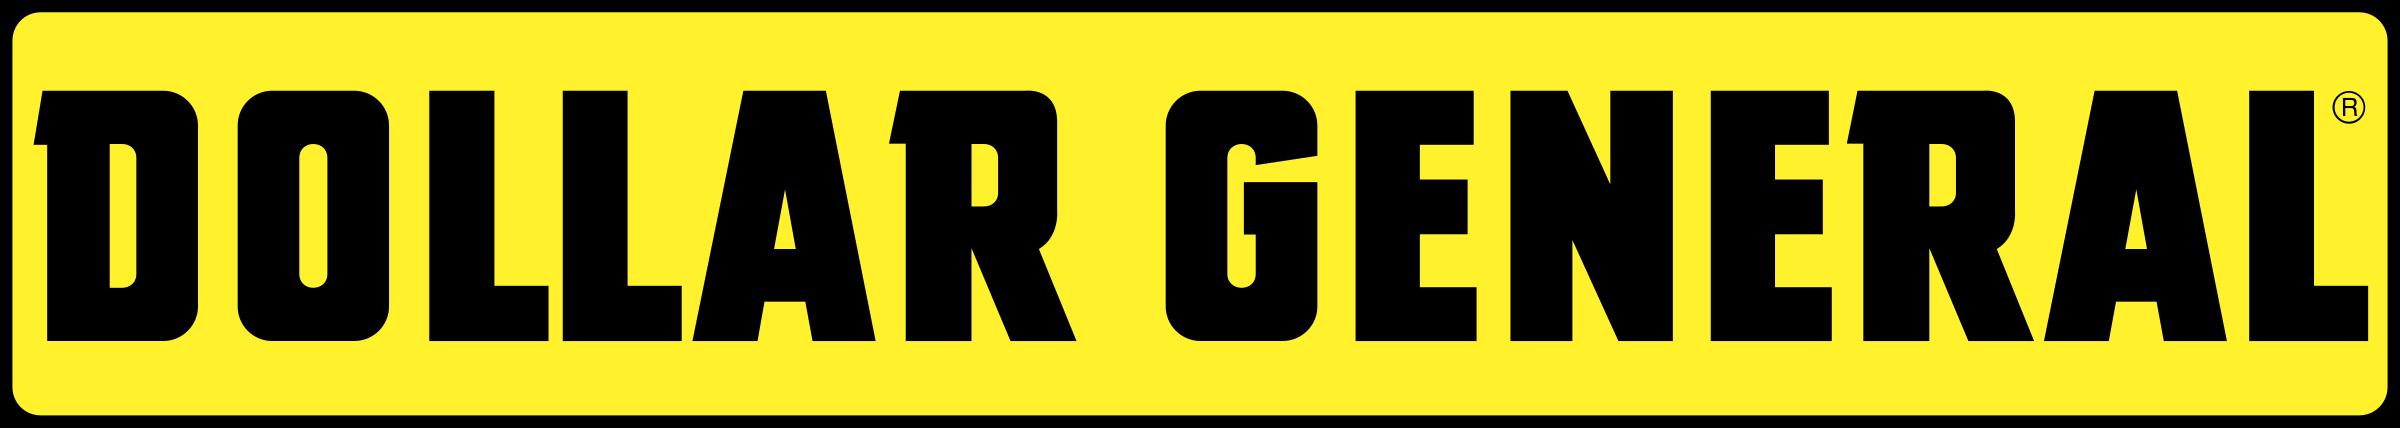 Dollar General Logo PNG Transparent & SVG Vector - Freebie Supply